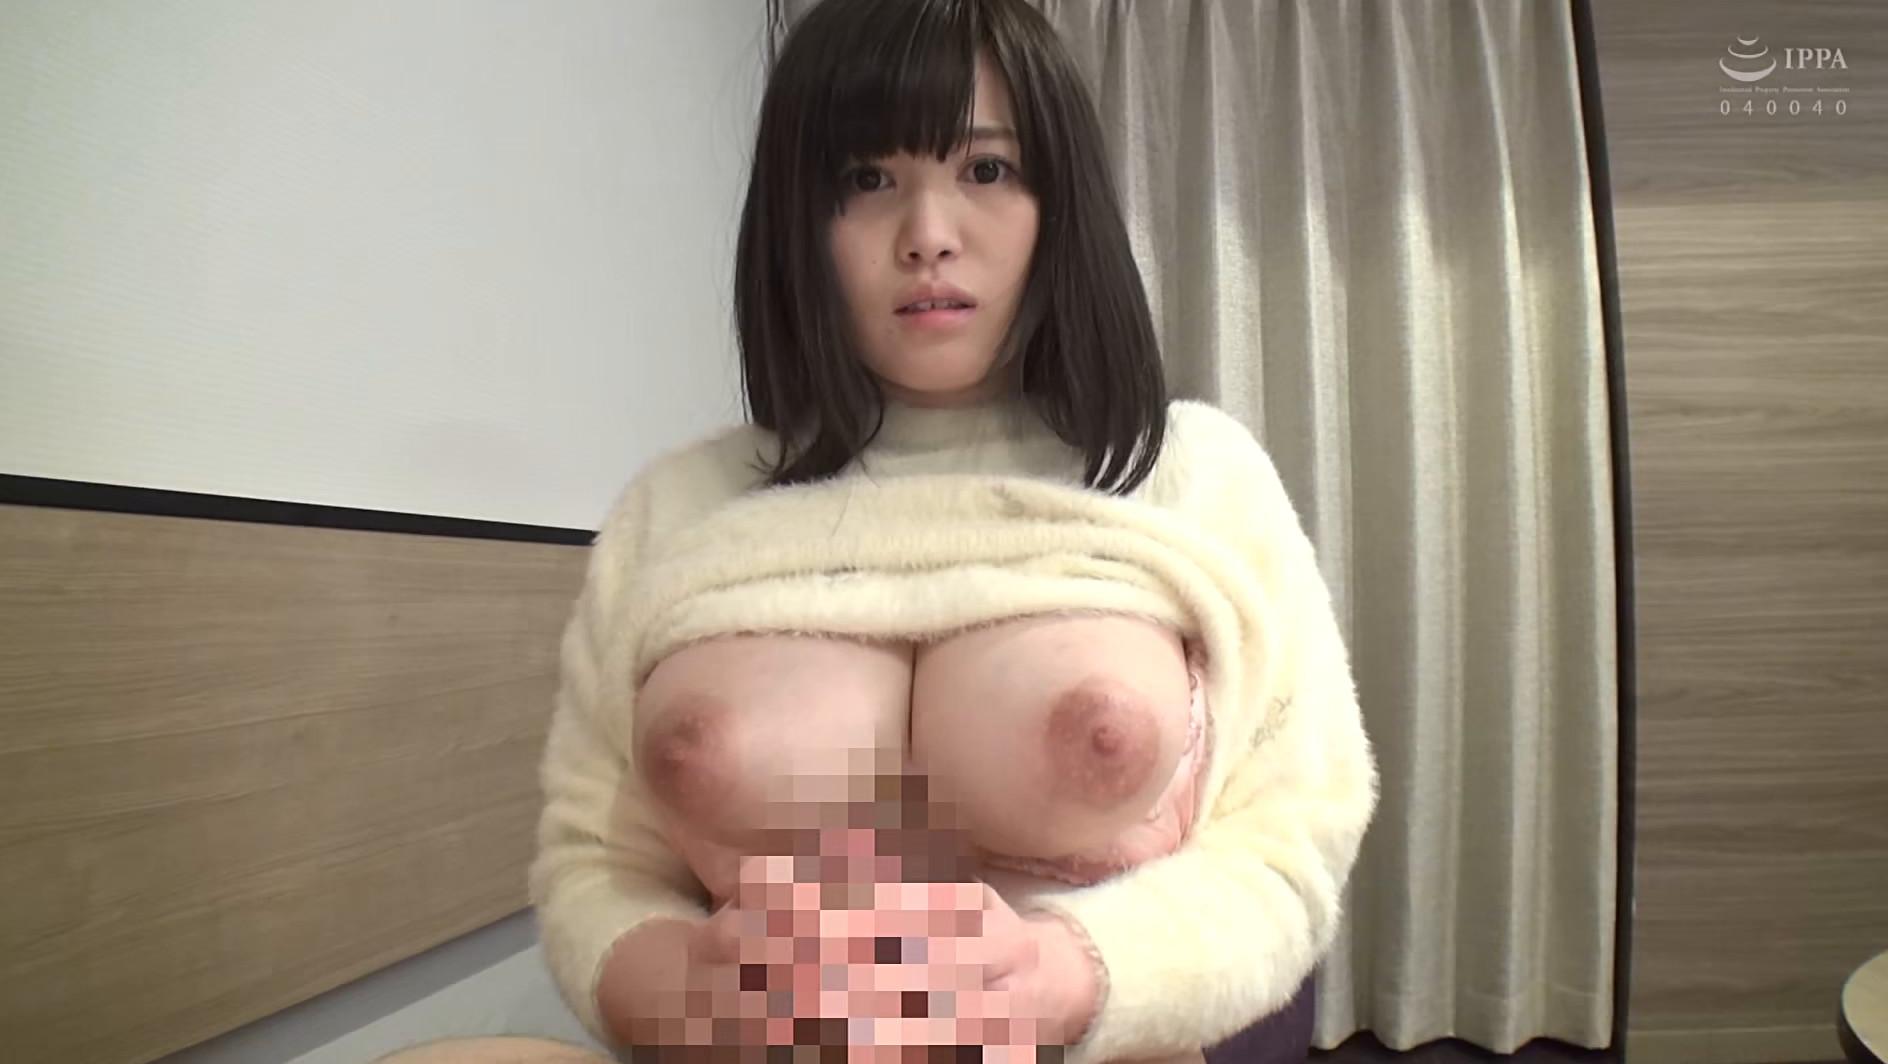 発掘☆デカ乳素人 4 画像11